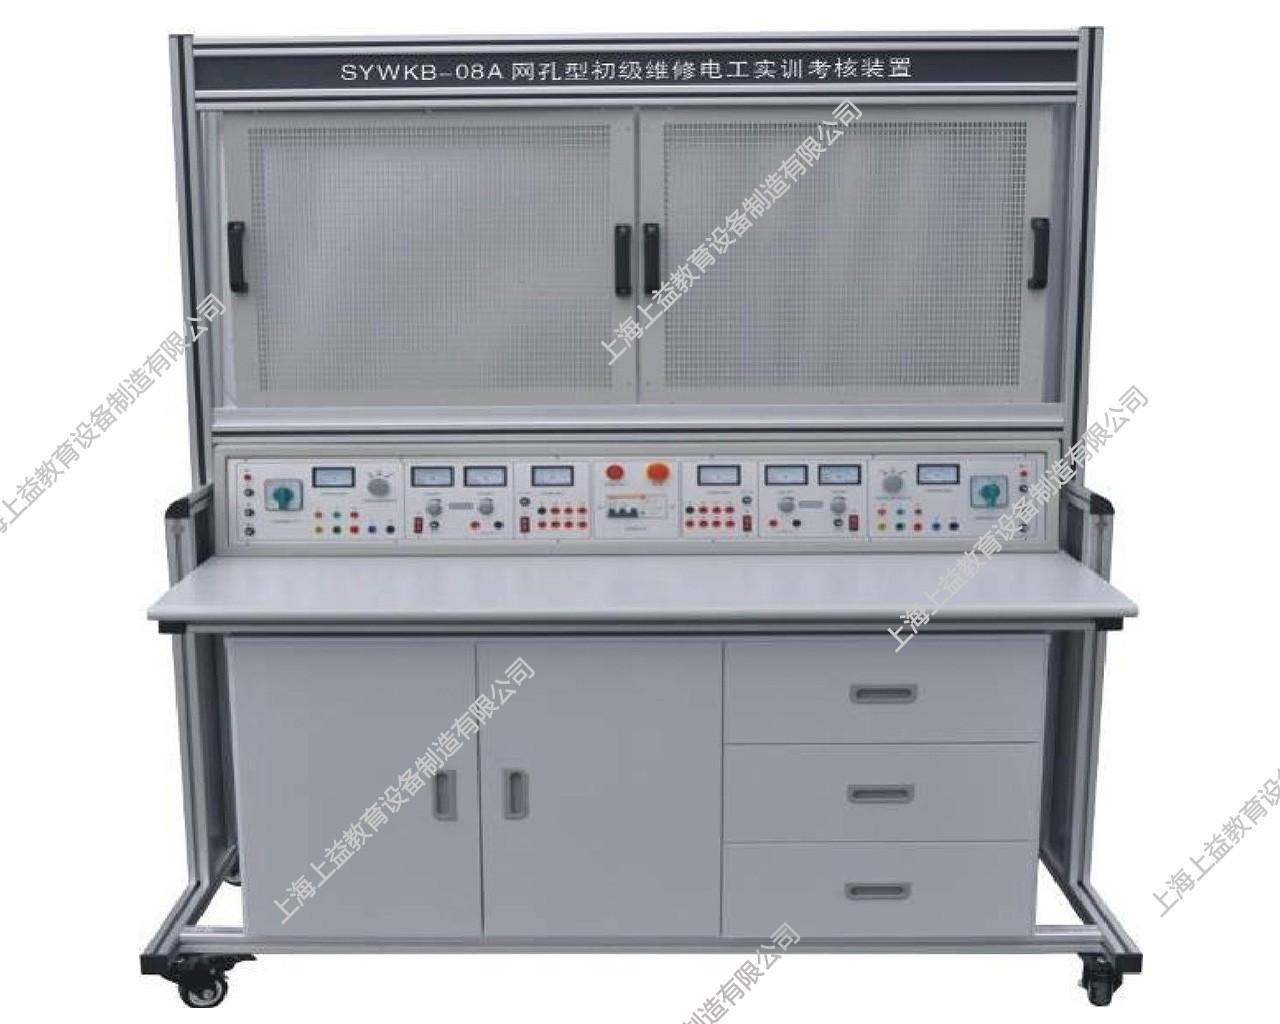 SYWKB-08A网孔型初级维修电工wwwlehu8viplehu68vip装置(单面双组型)